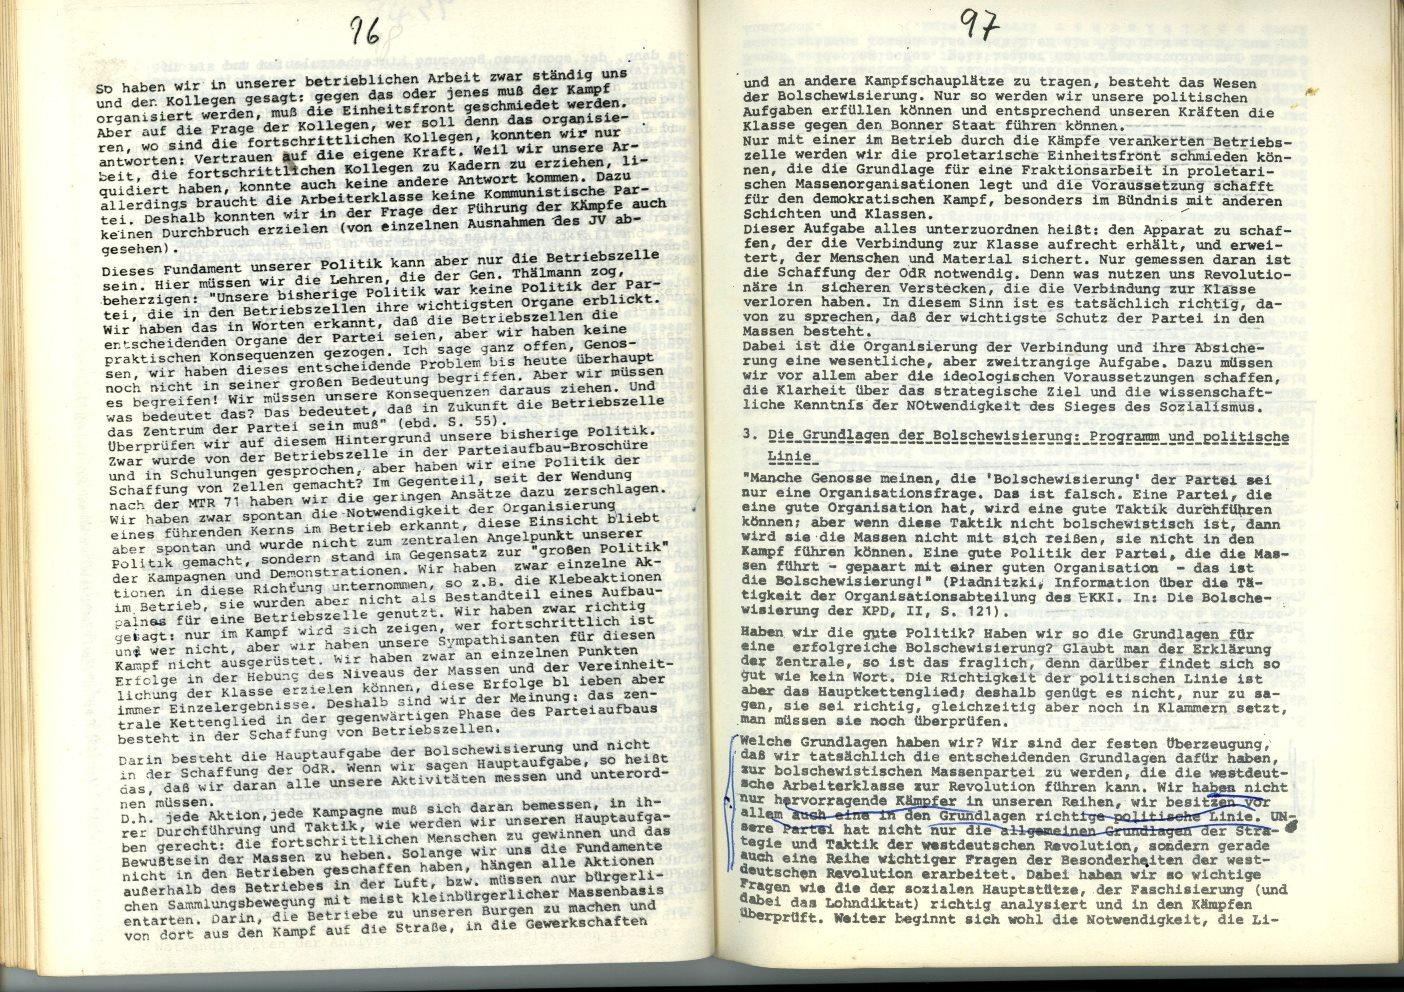 ZB_1972_Diskussionsorgan_zur_ersten_Parteikonferenz_54